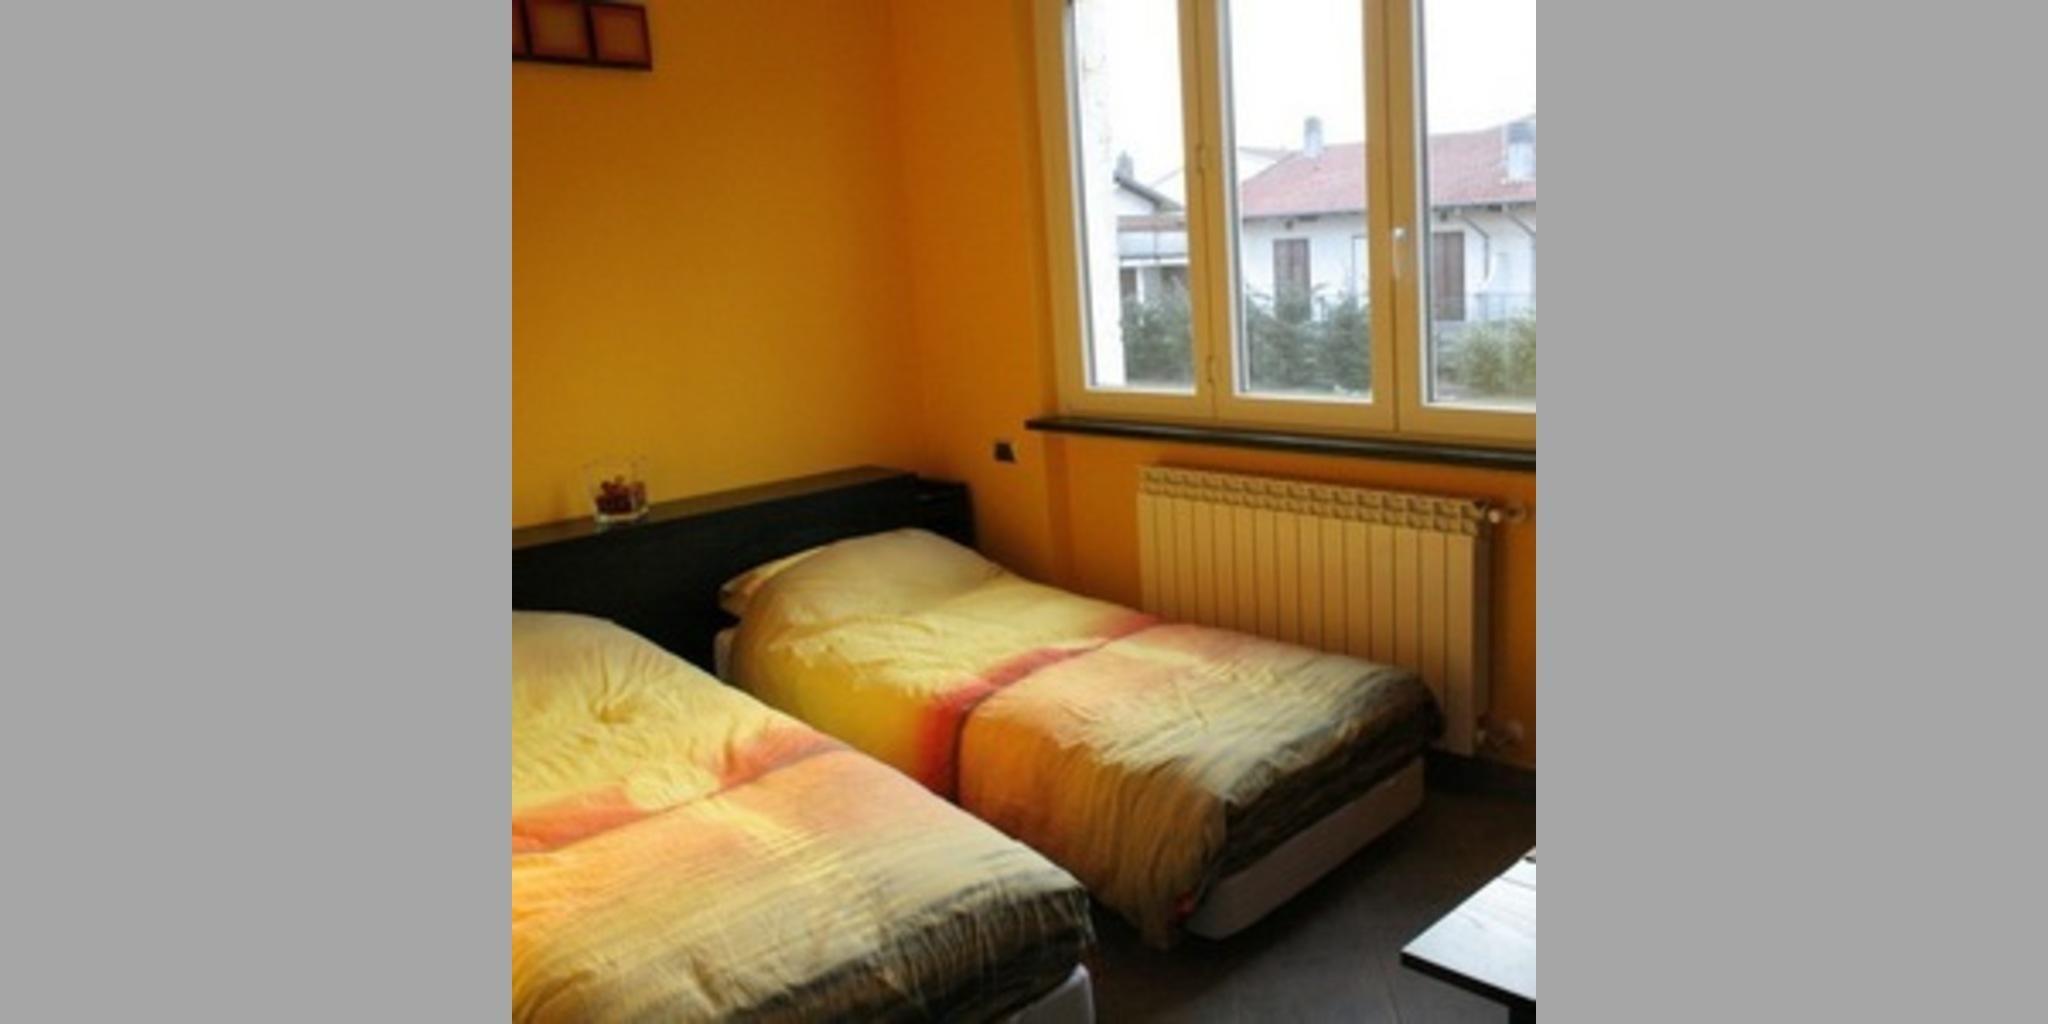 Bed & Breakfast Somma Lombardo - Adiacente A Milano Malpensa